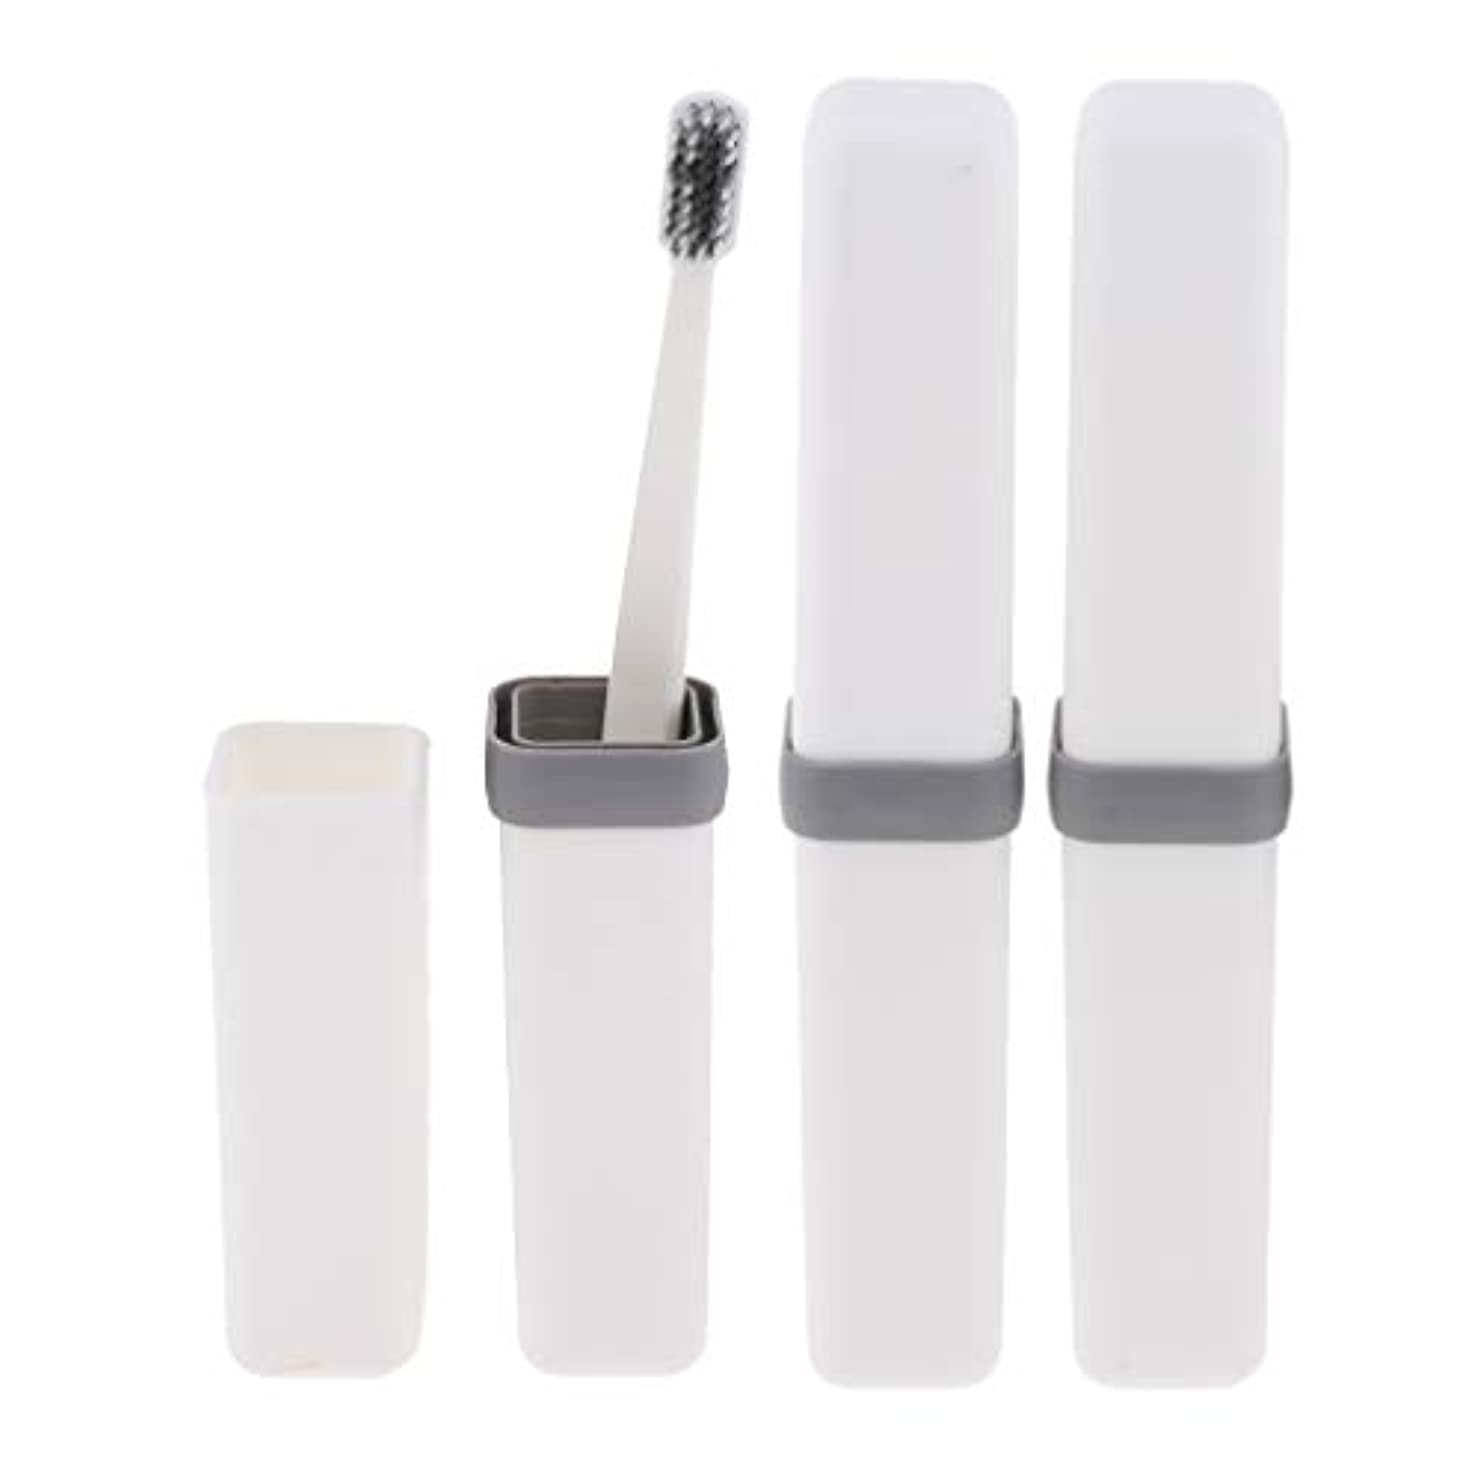 リーズ印刷する年次Fenteer 歯ブラシ 歯磨き 歯清潔 収納ボックス付 旅行 キャンプ 学校 軽量 携帯 実用的 3個 全4色 - 白